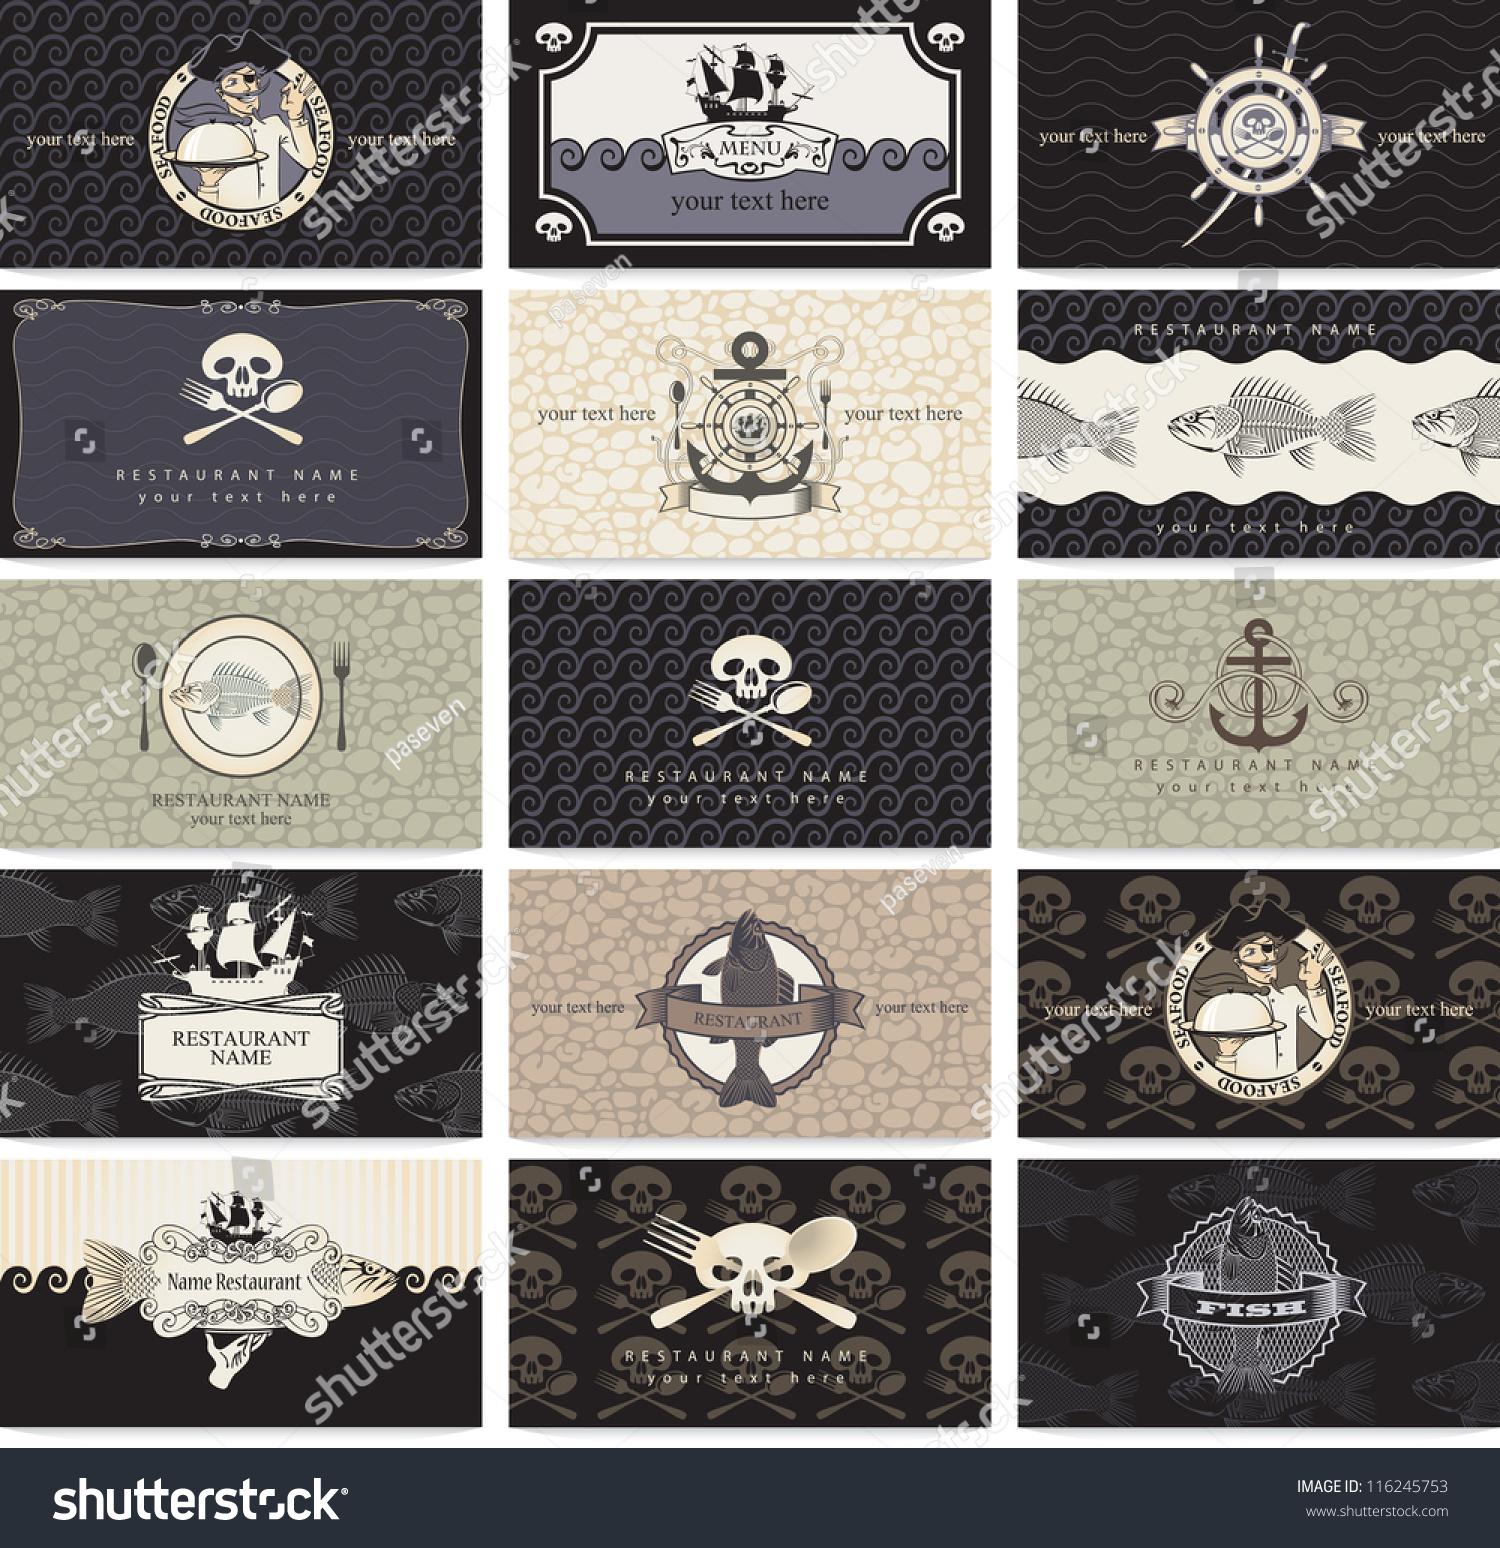 Set Business Cards Pirate Bar Stock Vector 116245753 - Shutterstock